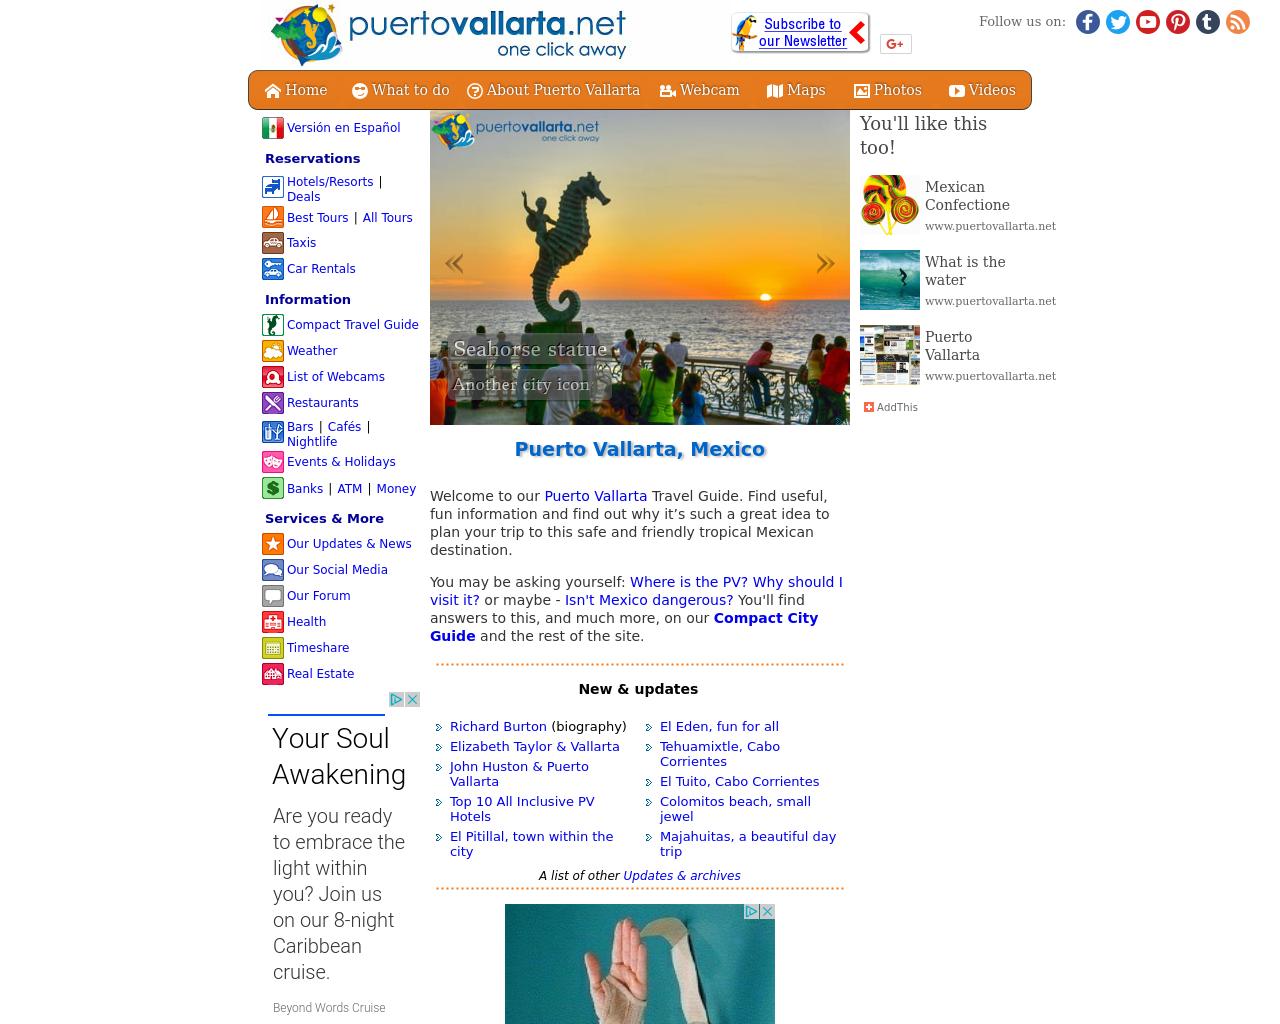 puertovallarta.net-Advertising-Reviews-Pricing